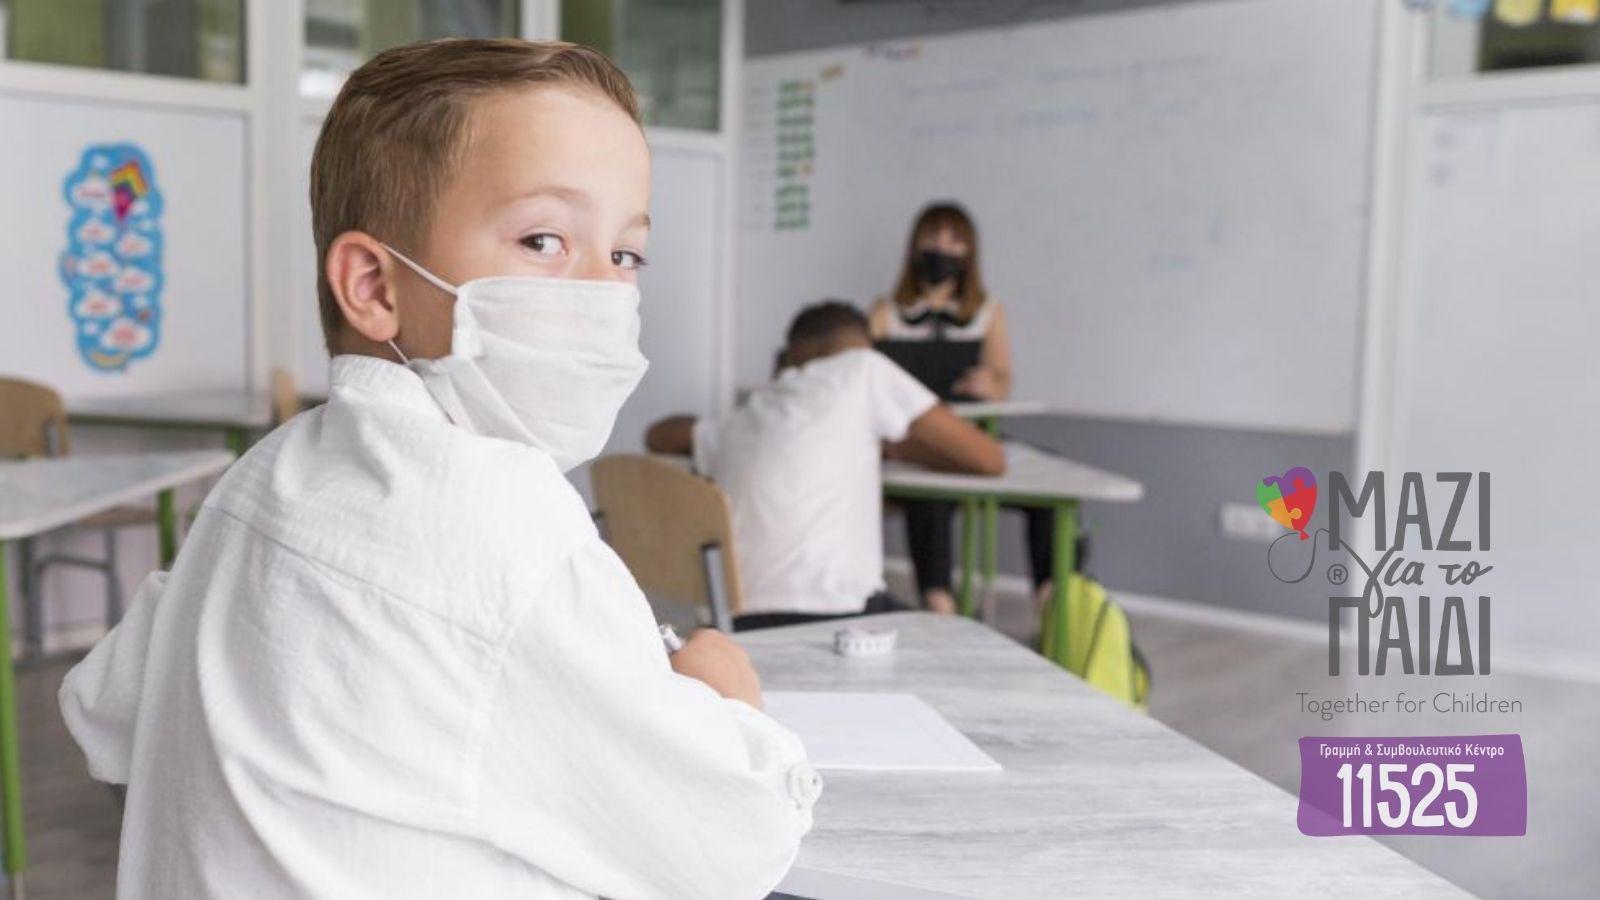 Προσαρμογή στο Σχολείο – Πώς μπορούν να βοηθήσουν οι γονείς;